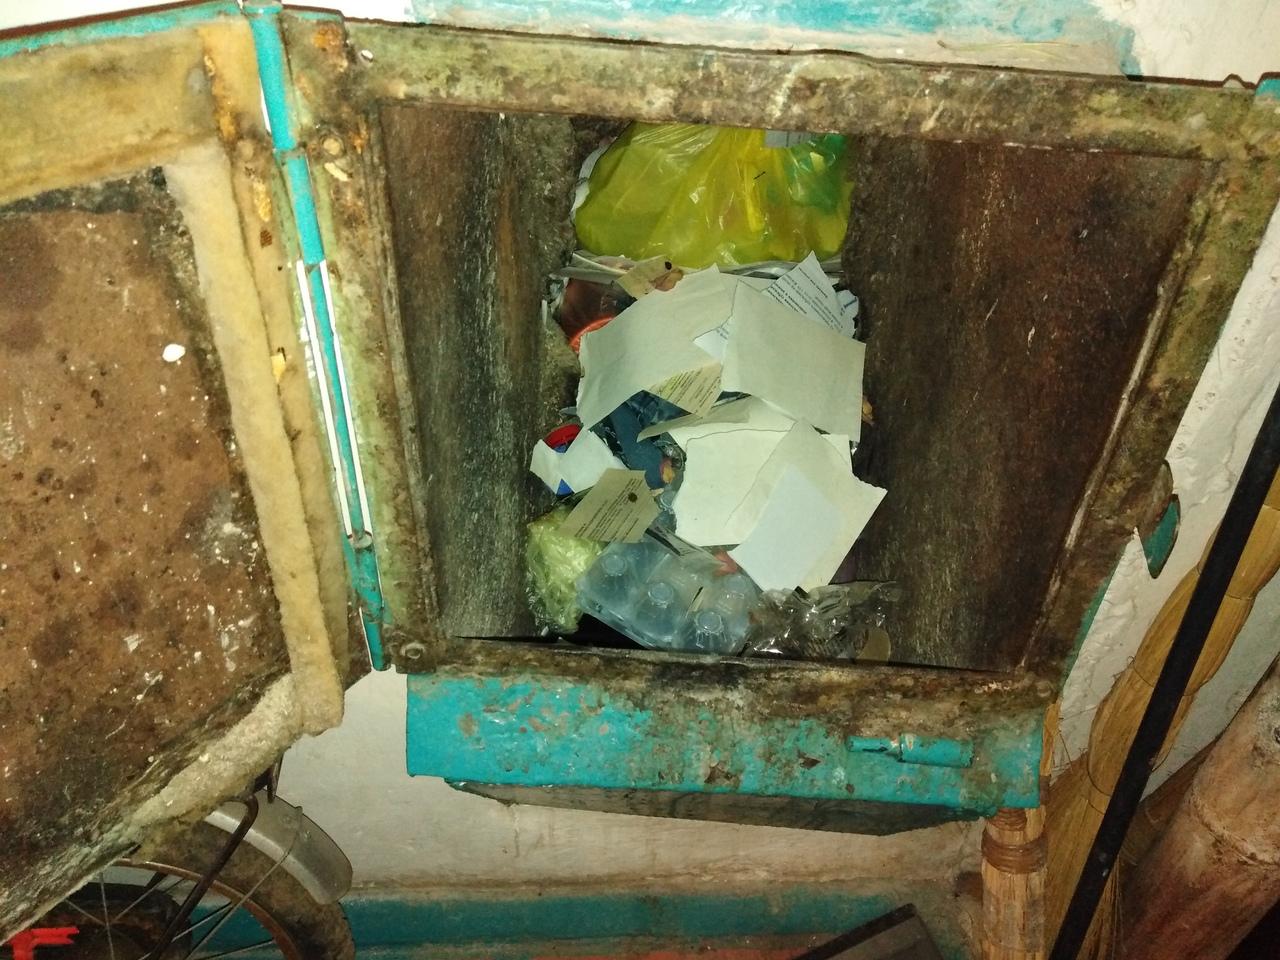 Из-за конфликта УК и техперсонала многоэтажки в Кировском погрязли в мусоре